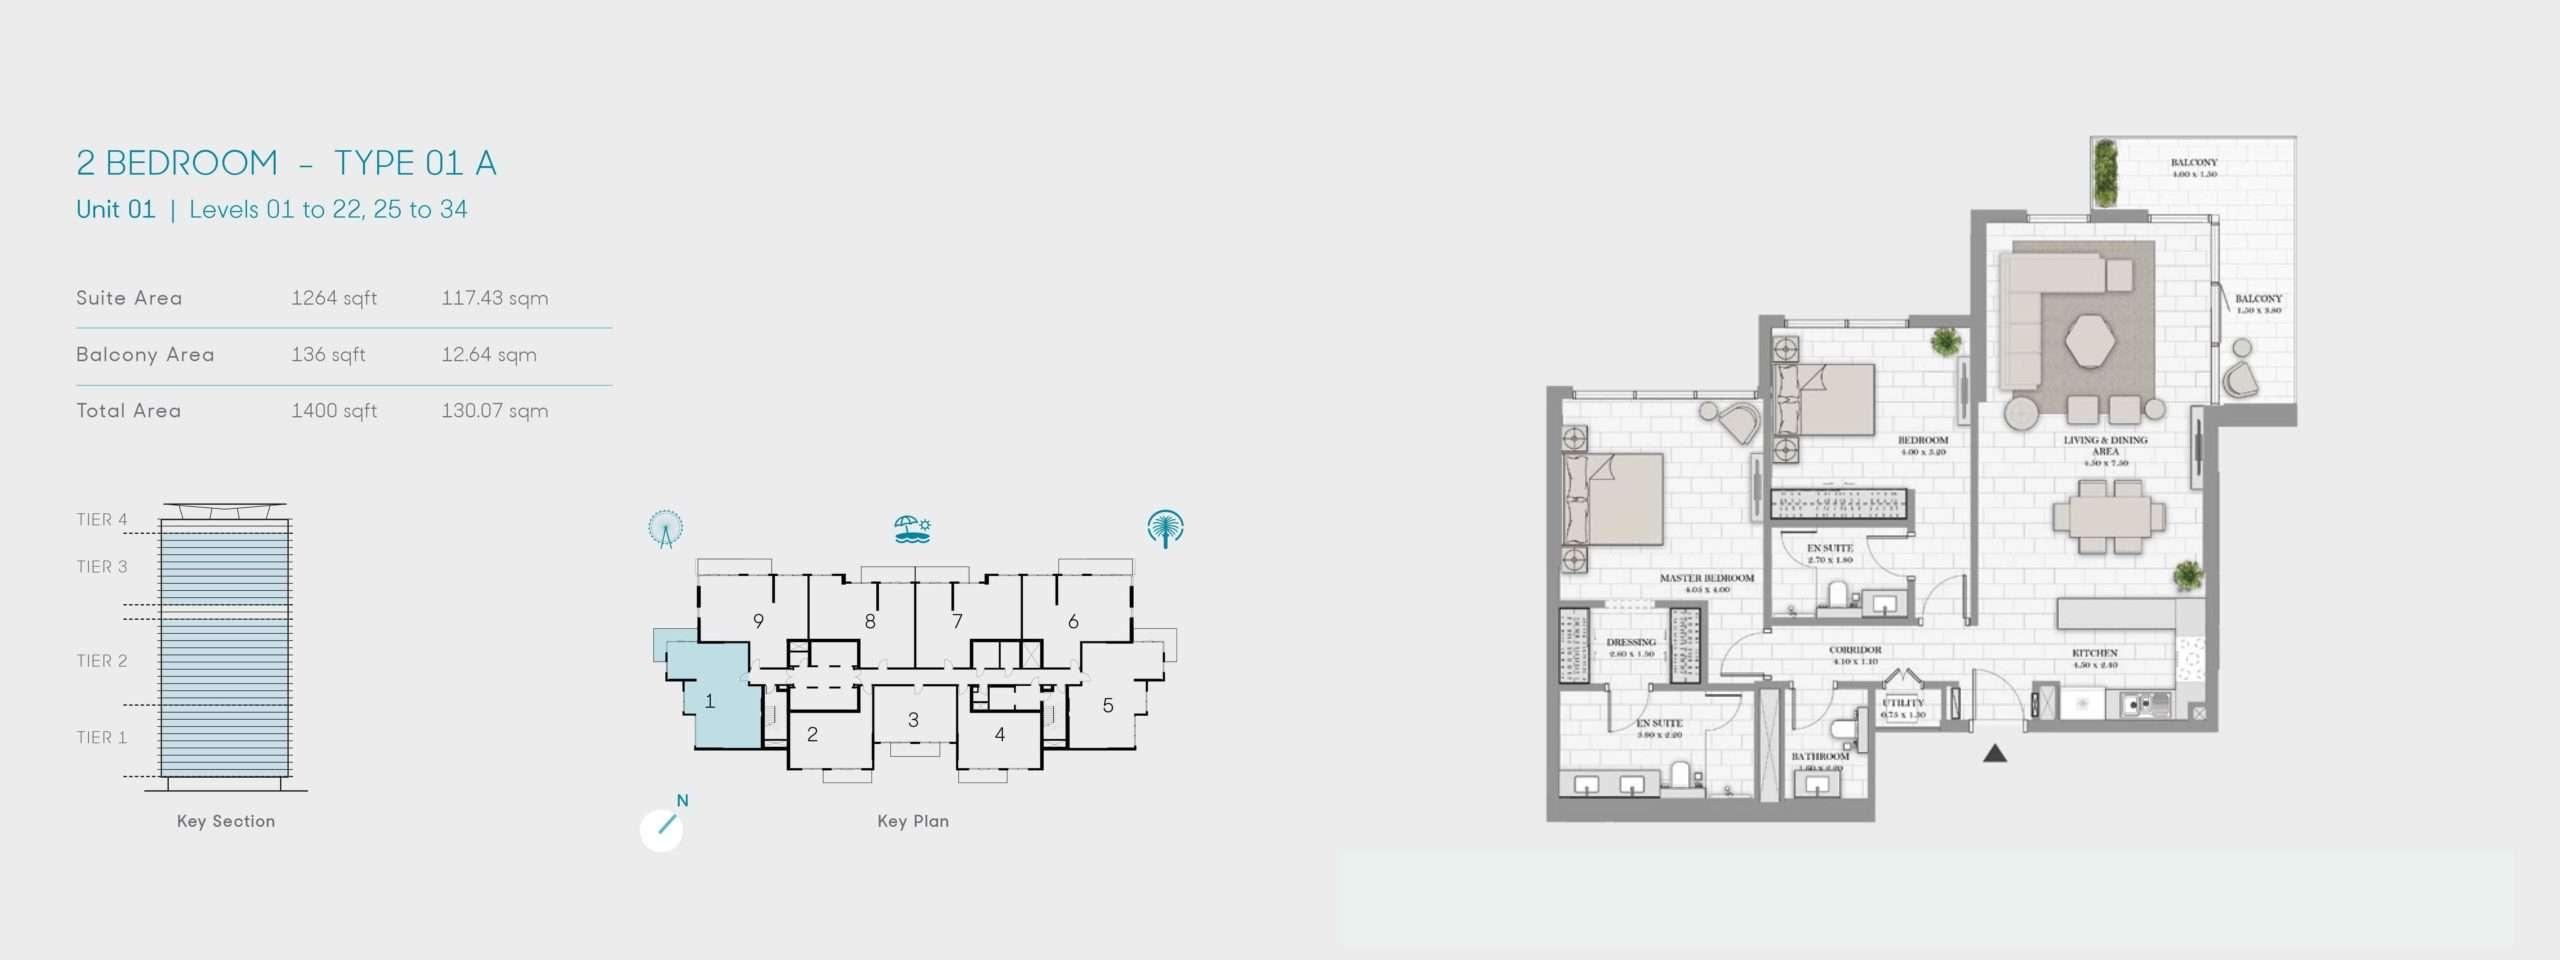 2-Bedroom Typ 01A